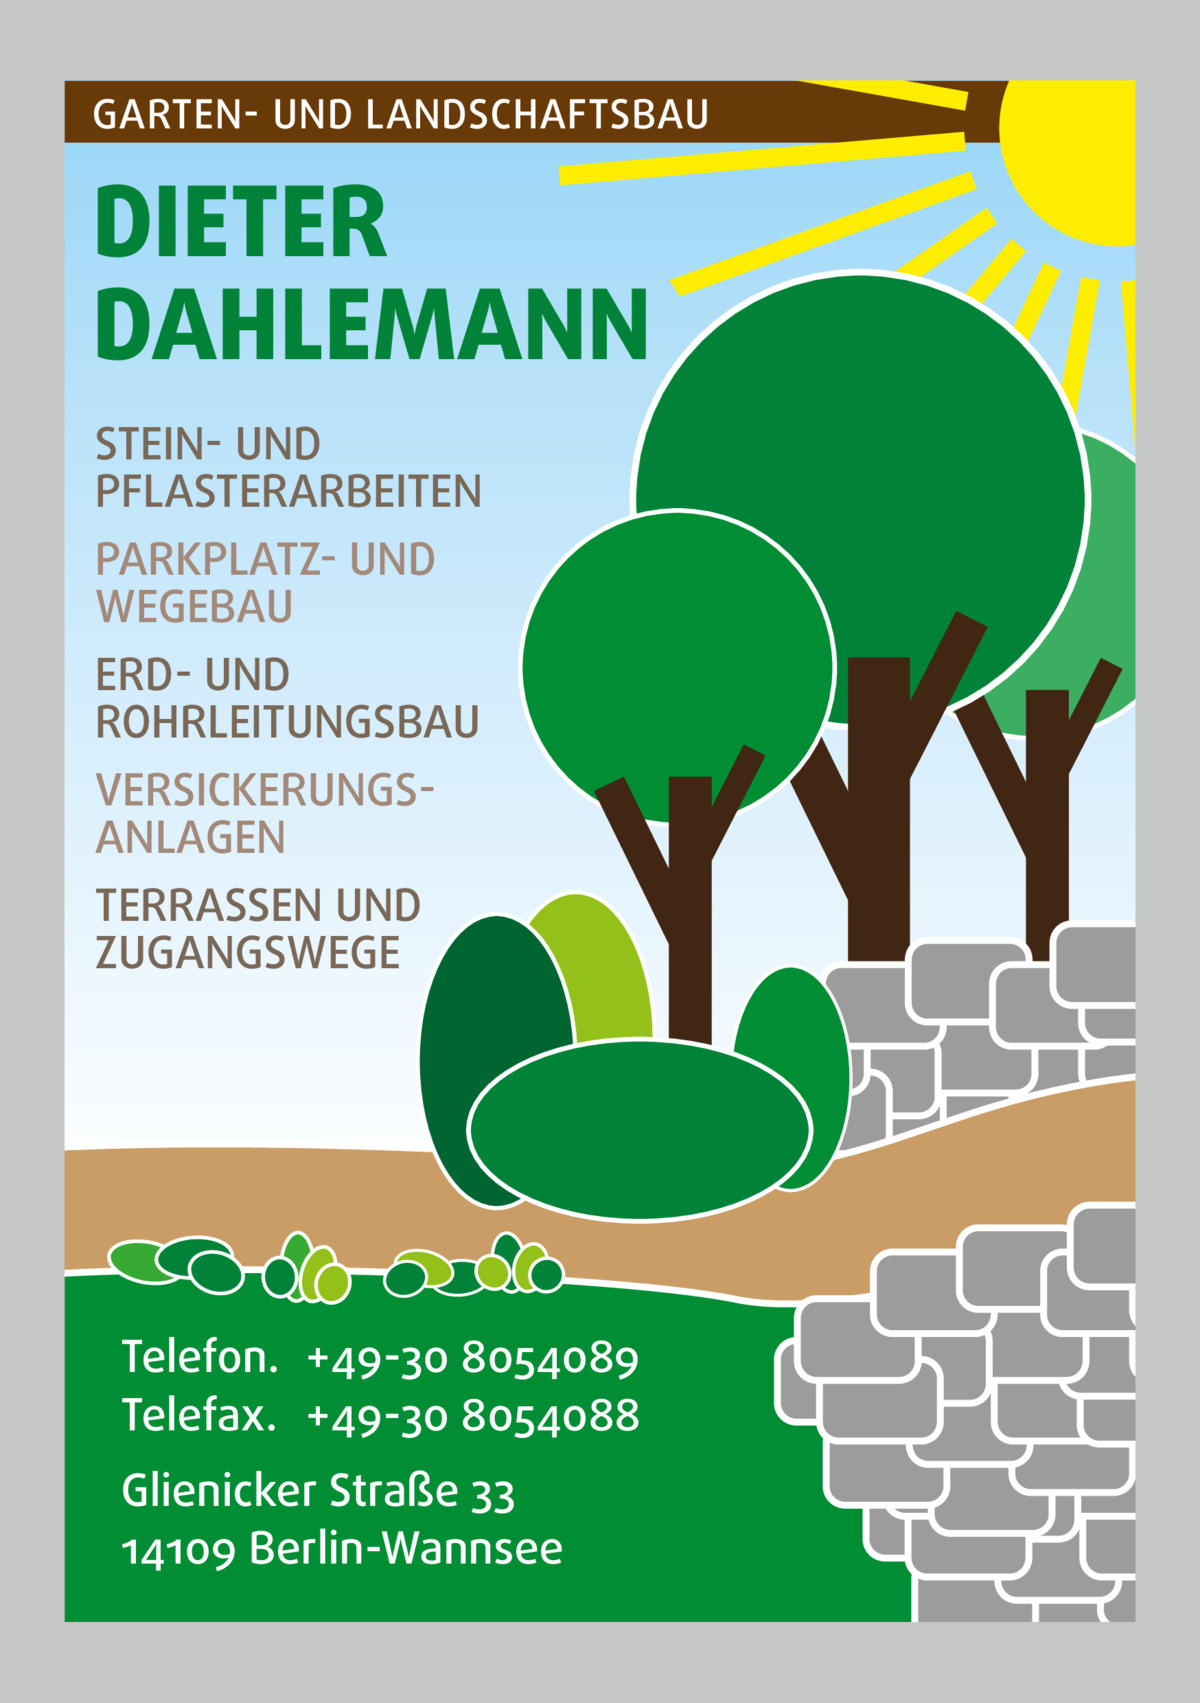 GARTEN- UND LANDSCHAFTSBAU  DIETER DAHLEMANN STEIN- UND PFLASTERARBEITEN PARKPLATZ- UND WEGEBAU ERD- UND ROHRLEITUNGSBAU VERSICKERUNGSANLAGEN TERRASSEN UND ZUGANGSWEGE  Telefon. +49-30 8054089 Telefax. +49-30 8054088 Glienicker Straße 33 14109 Berlin-Wannsee